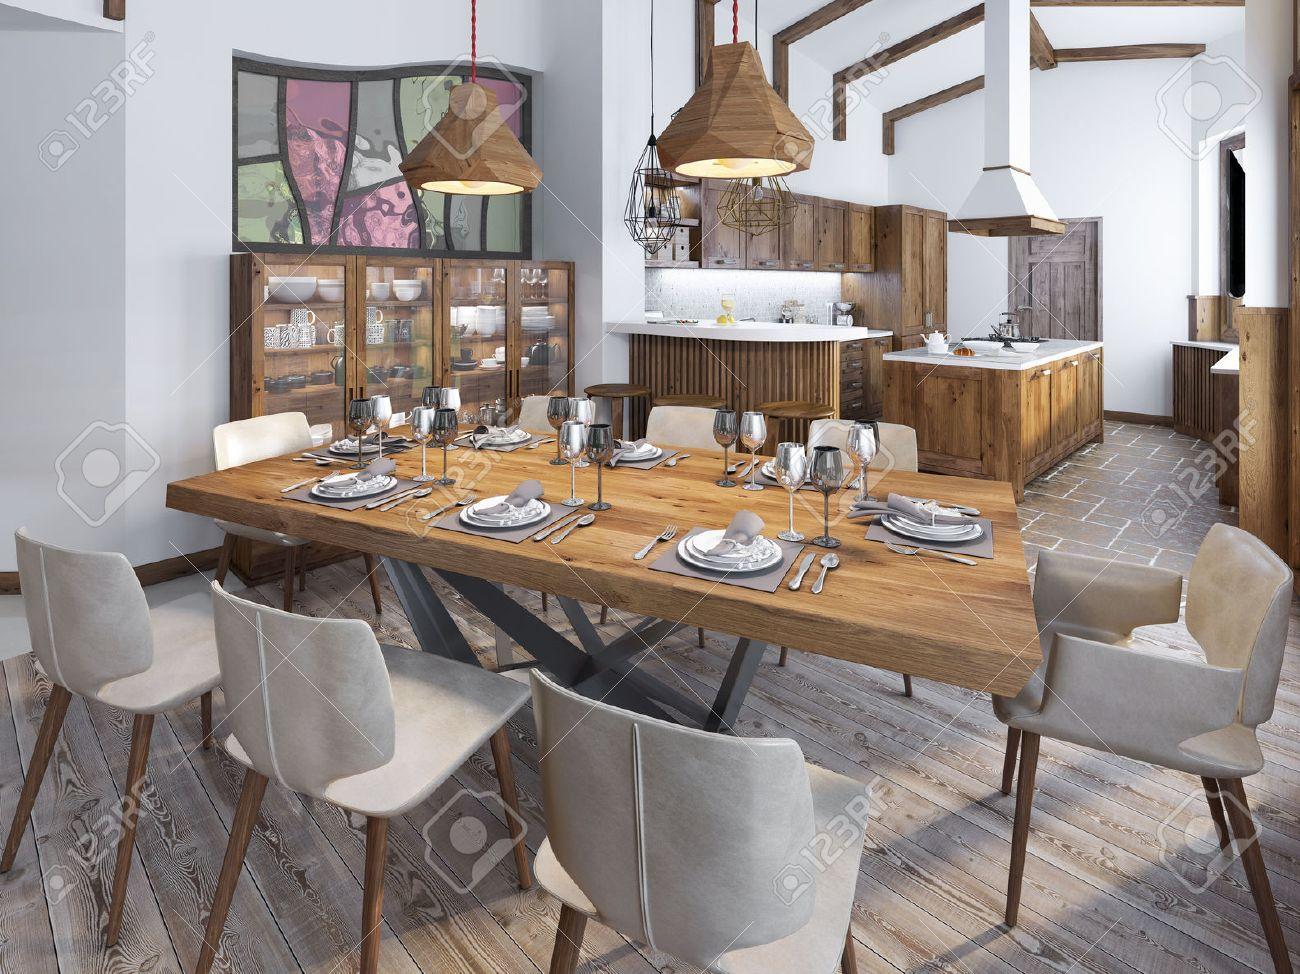 Moderna Cocina Y Comedor En El Desván. Muebles De Cocina De Madera ...